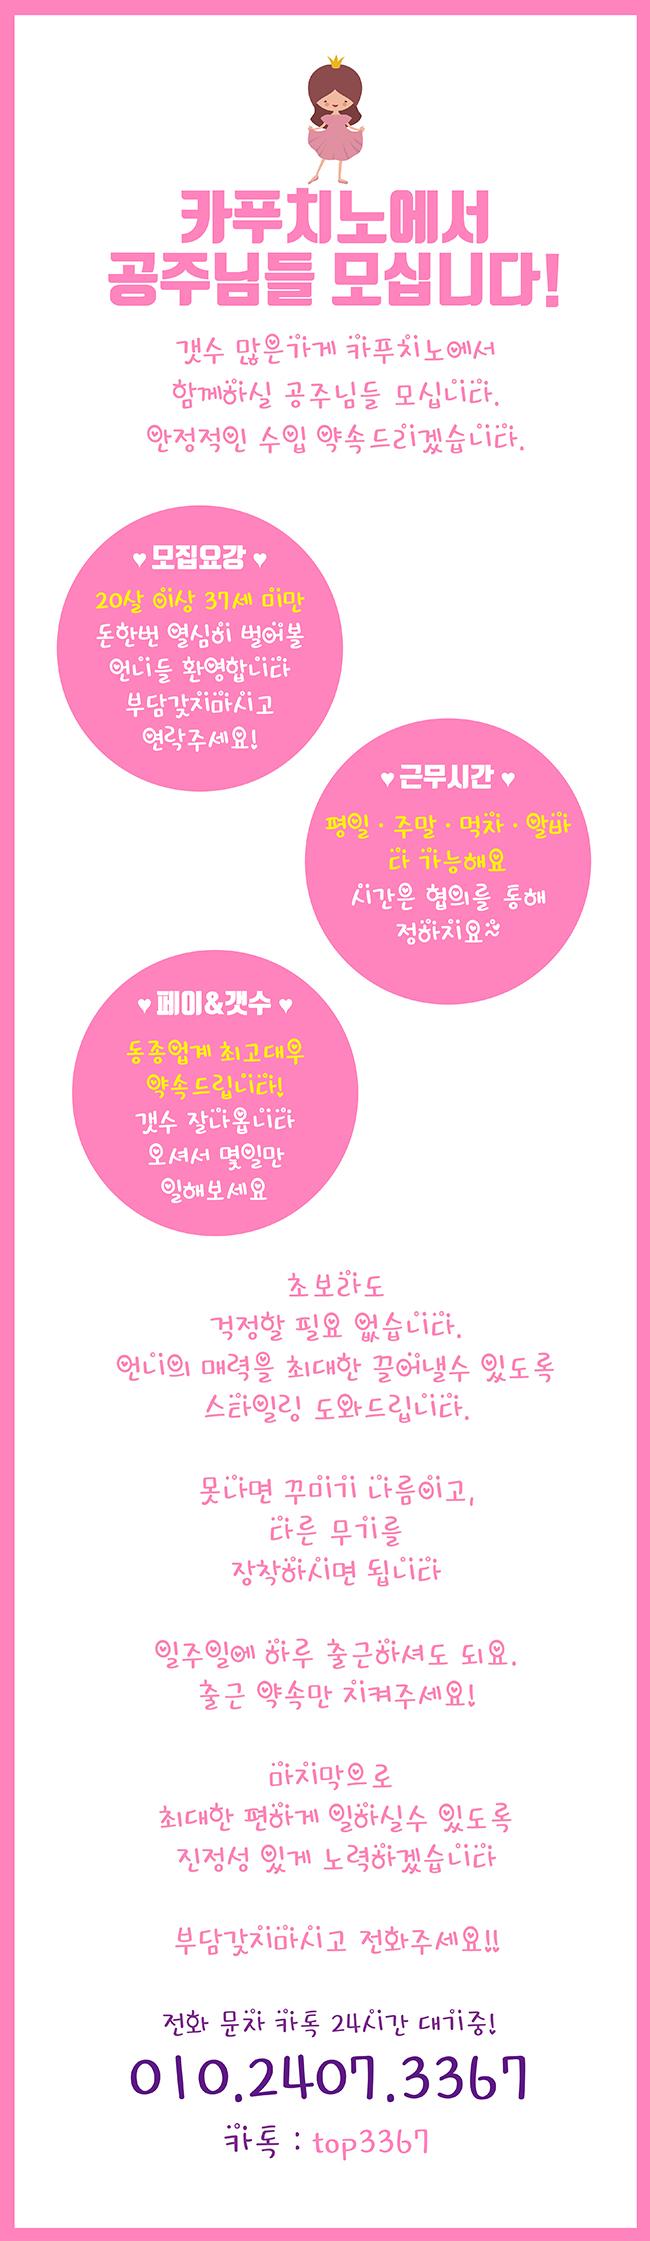 광고2-카푸치노-공용.jpg